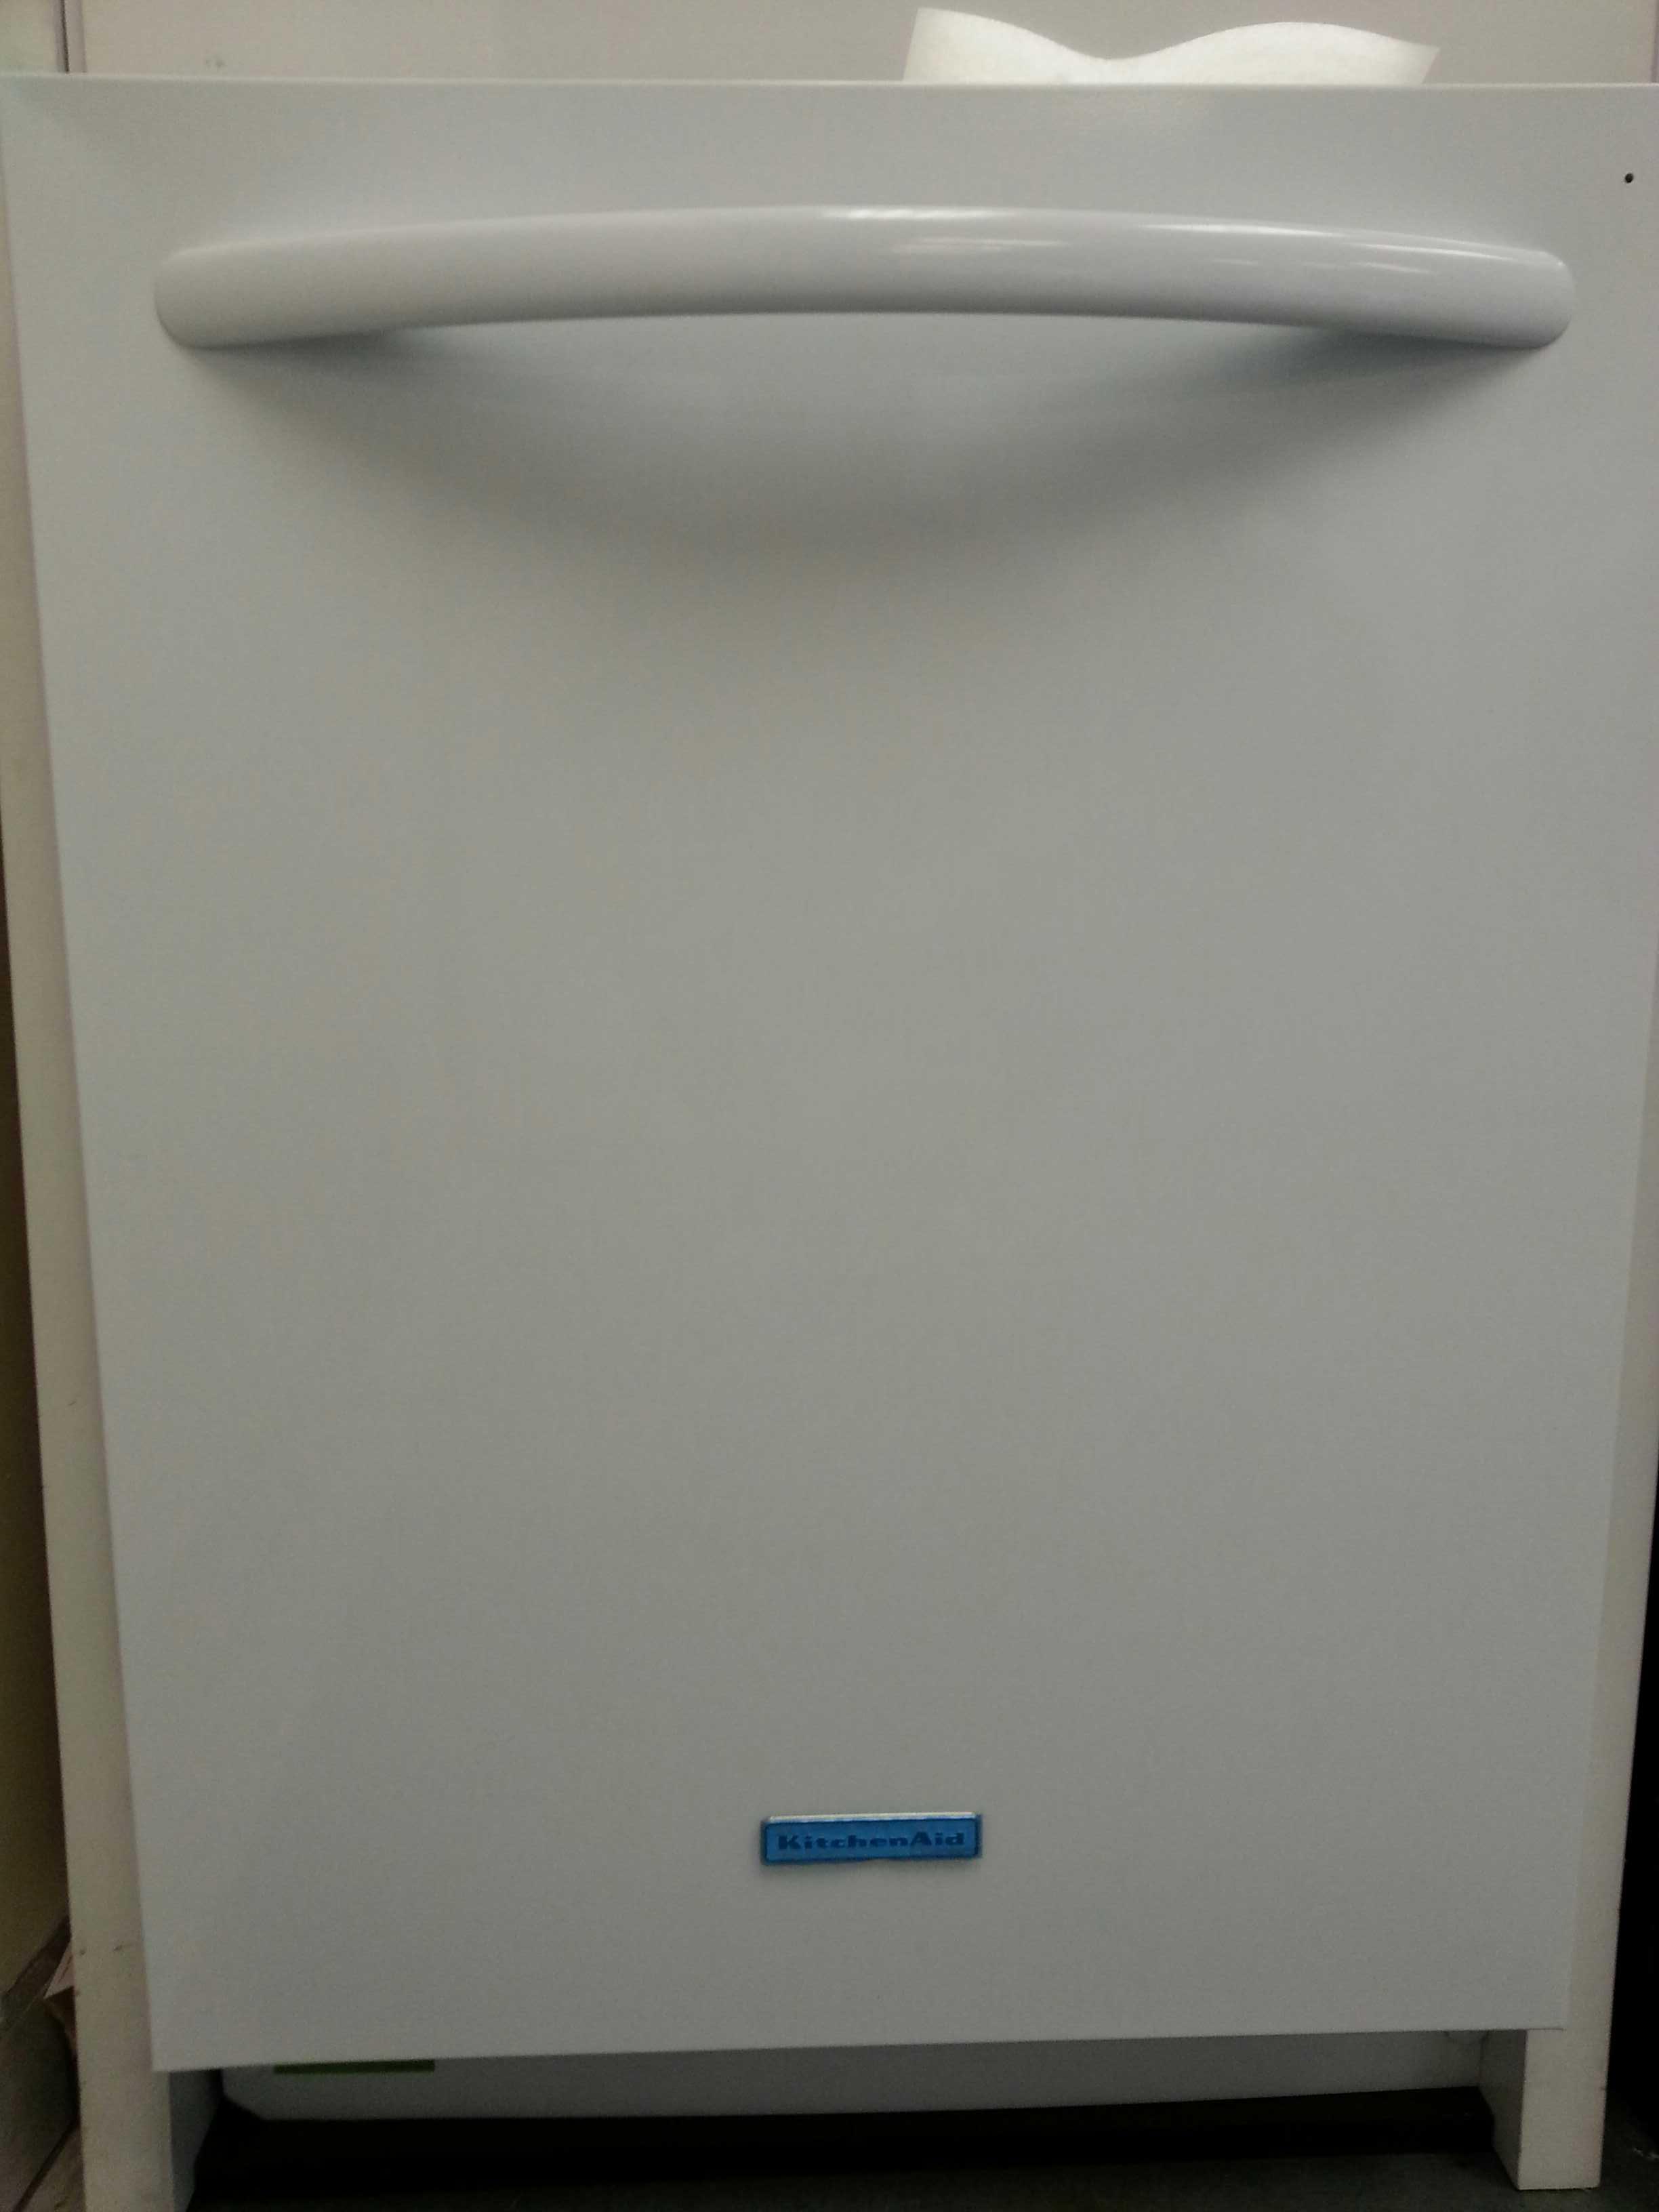 kitchen aid washer cabinets knotty alder 9 kude60fxwh 24 built in dishwasher white